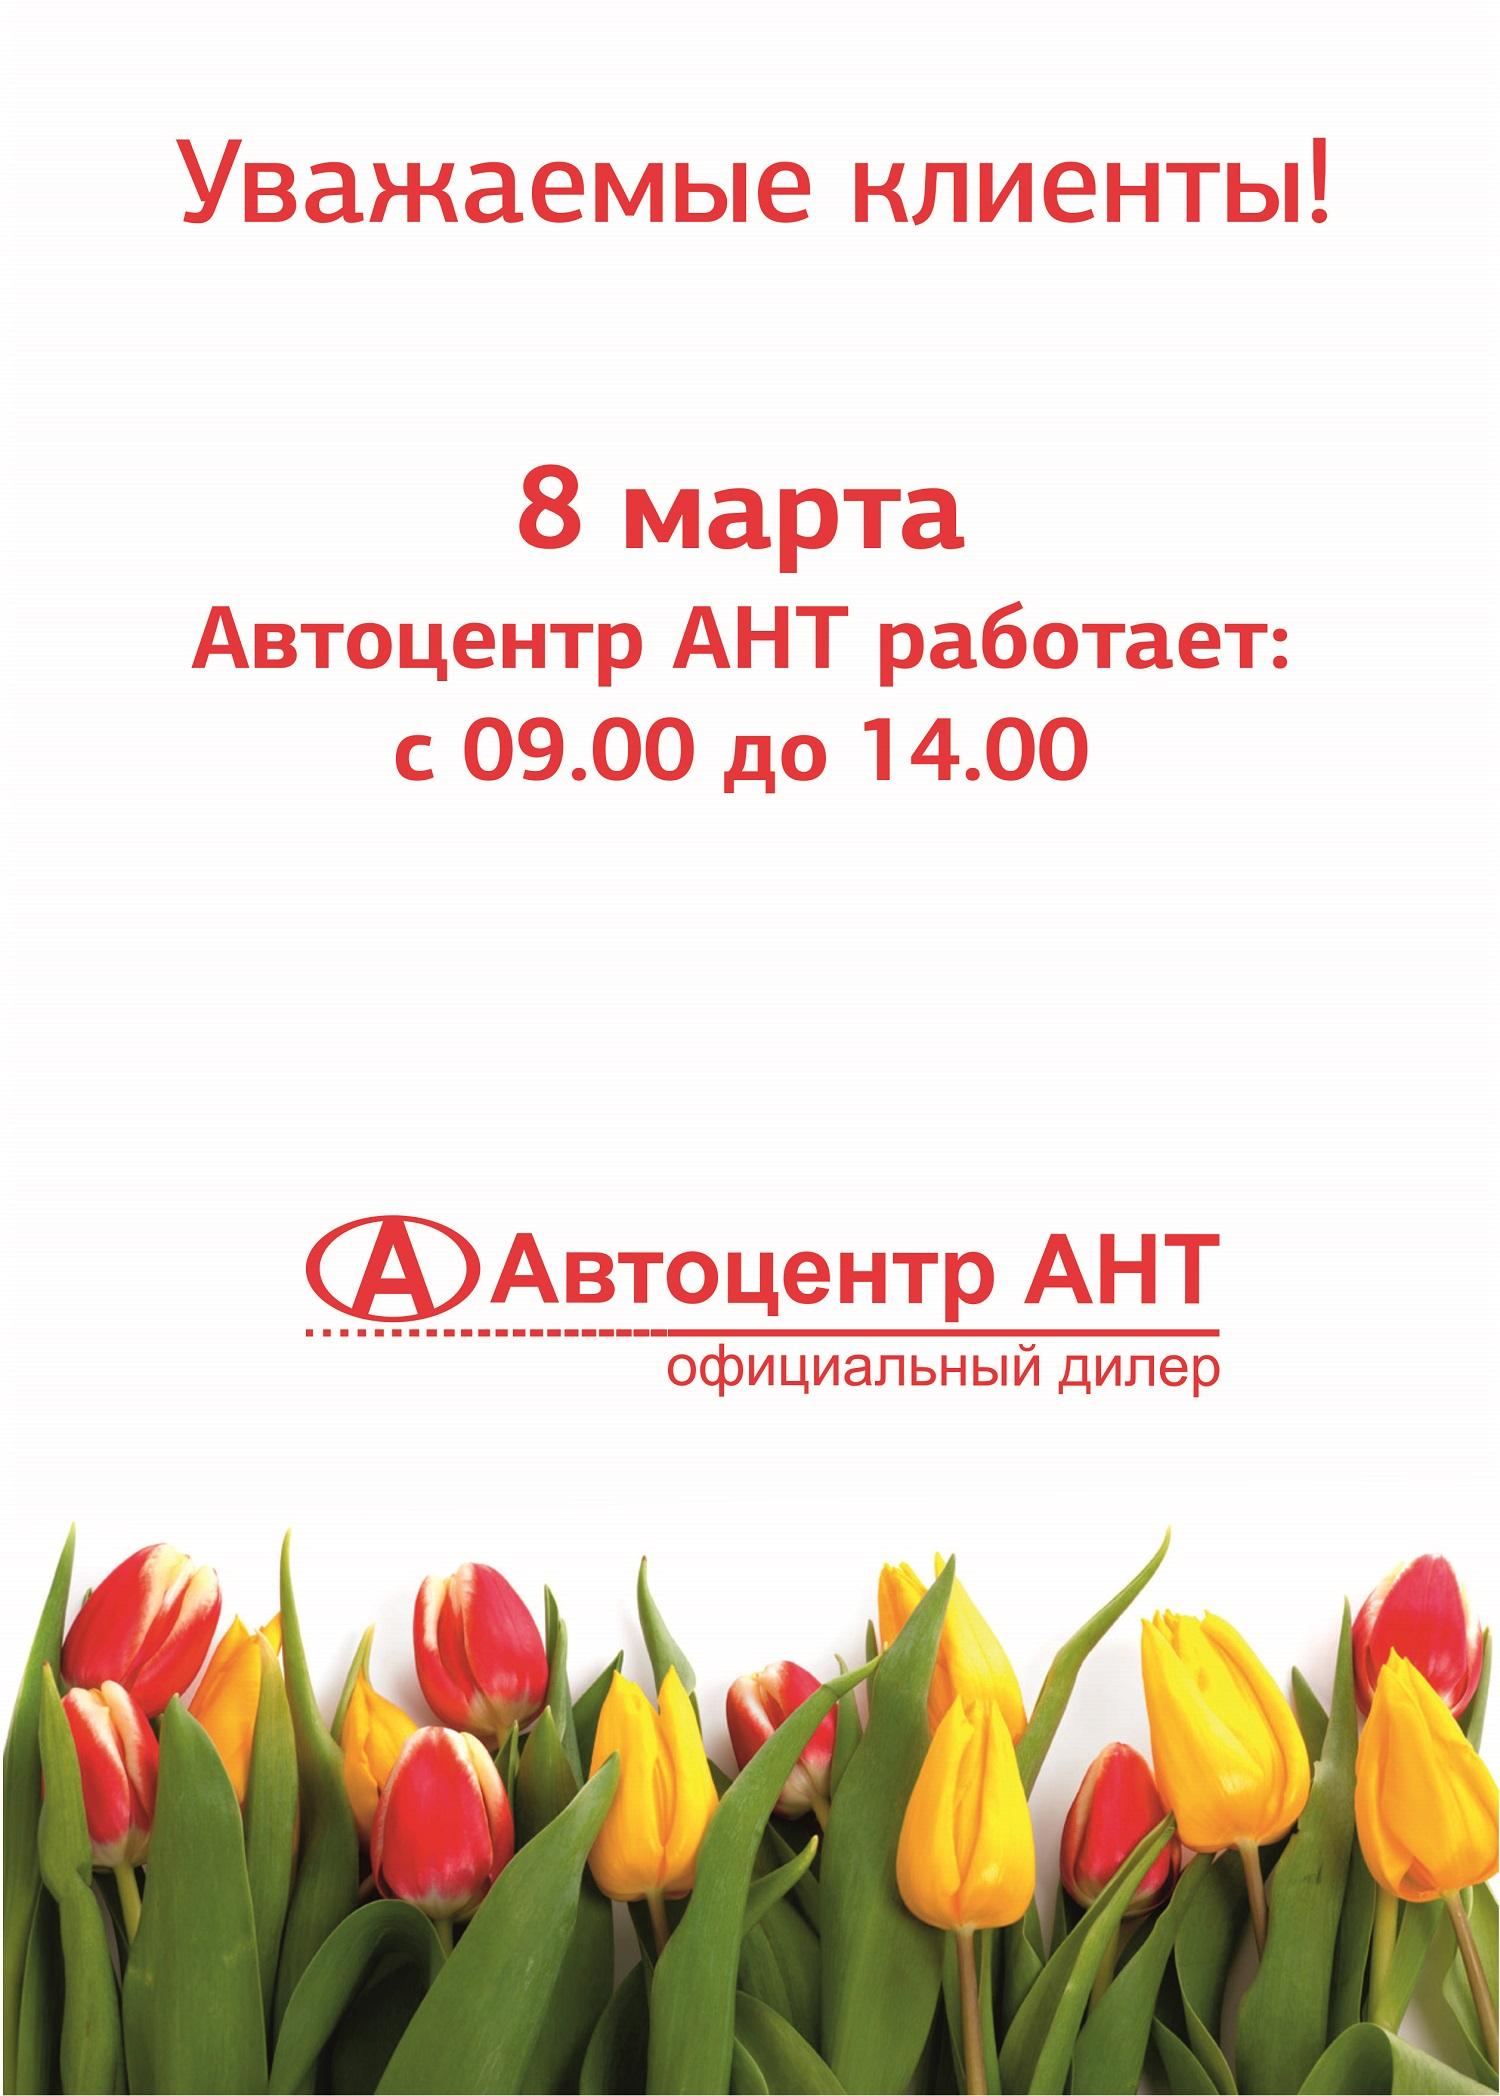 клиентам поздравление с 8 марта уже